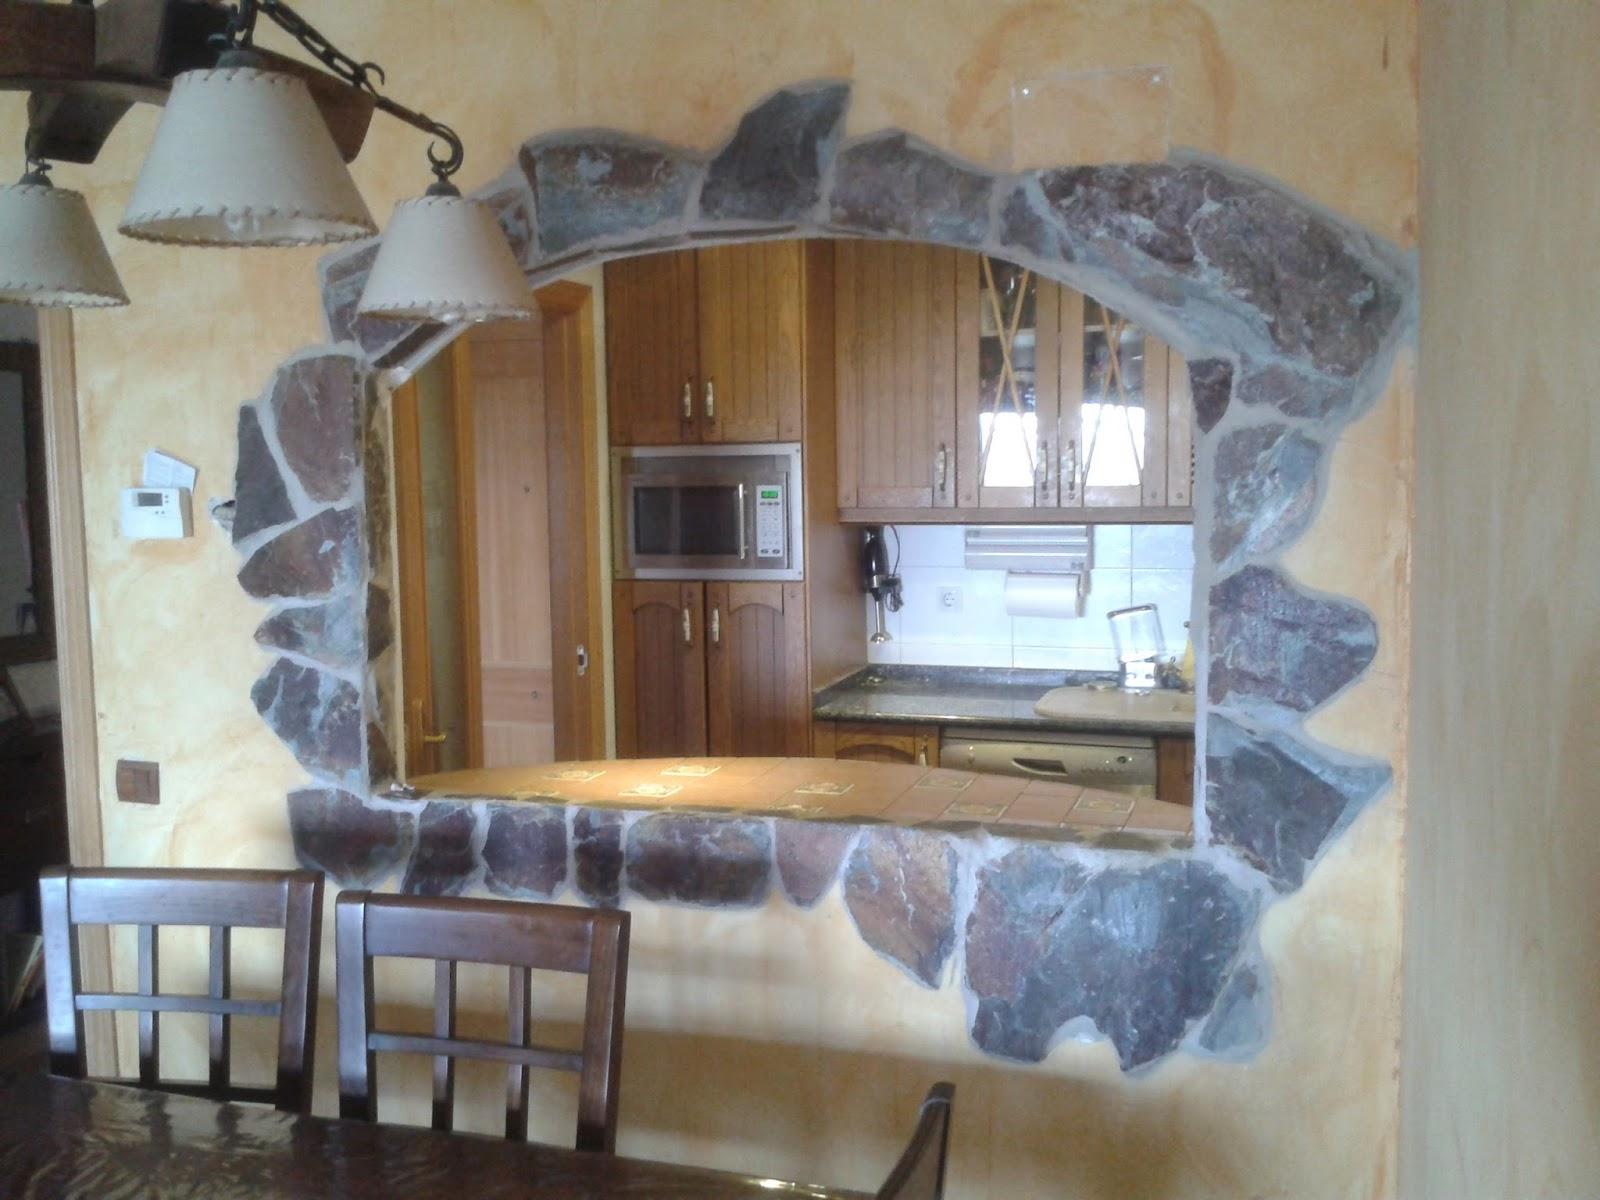 Reparaciones muy economicas para tu hogar arcos decorativos - Arcos decorativos para puertas ...